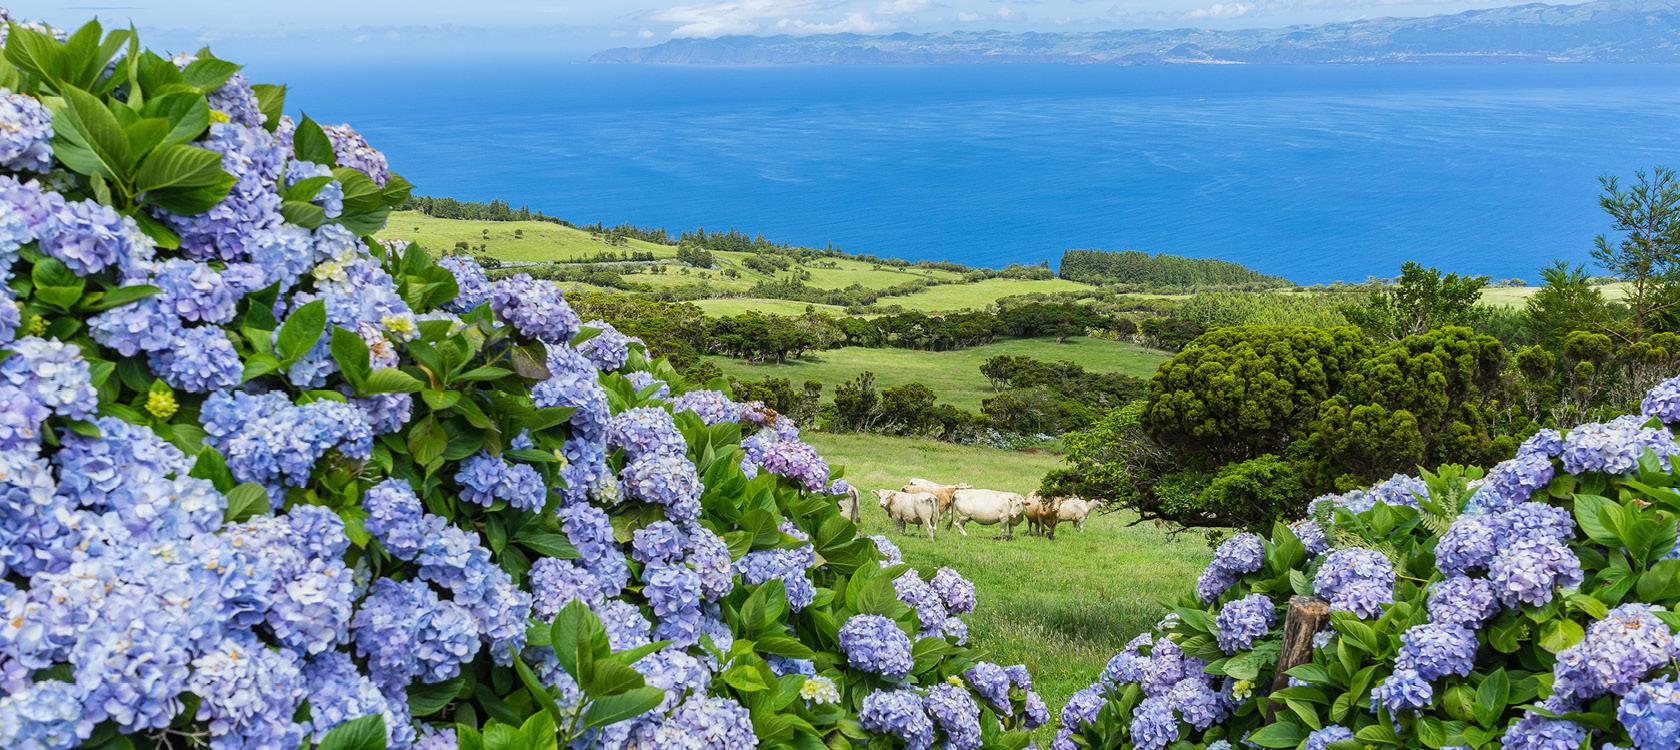 azorerne et naturligt paradis header stor